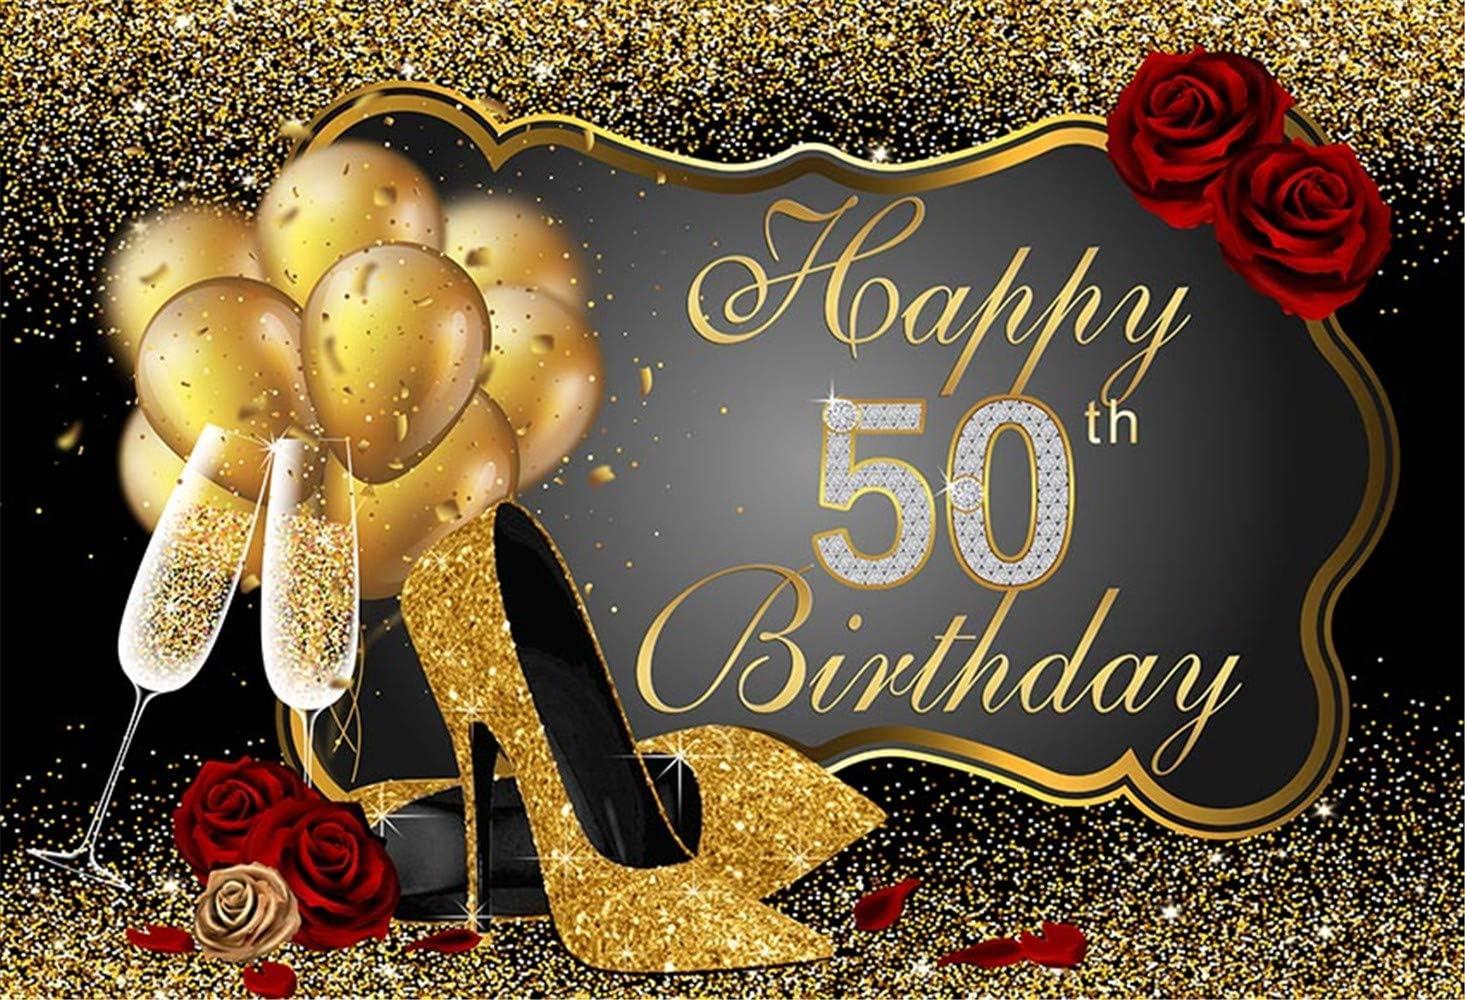 Goldene Geburtstags Hintergründe Für Fotografie Kamera